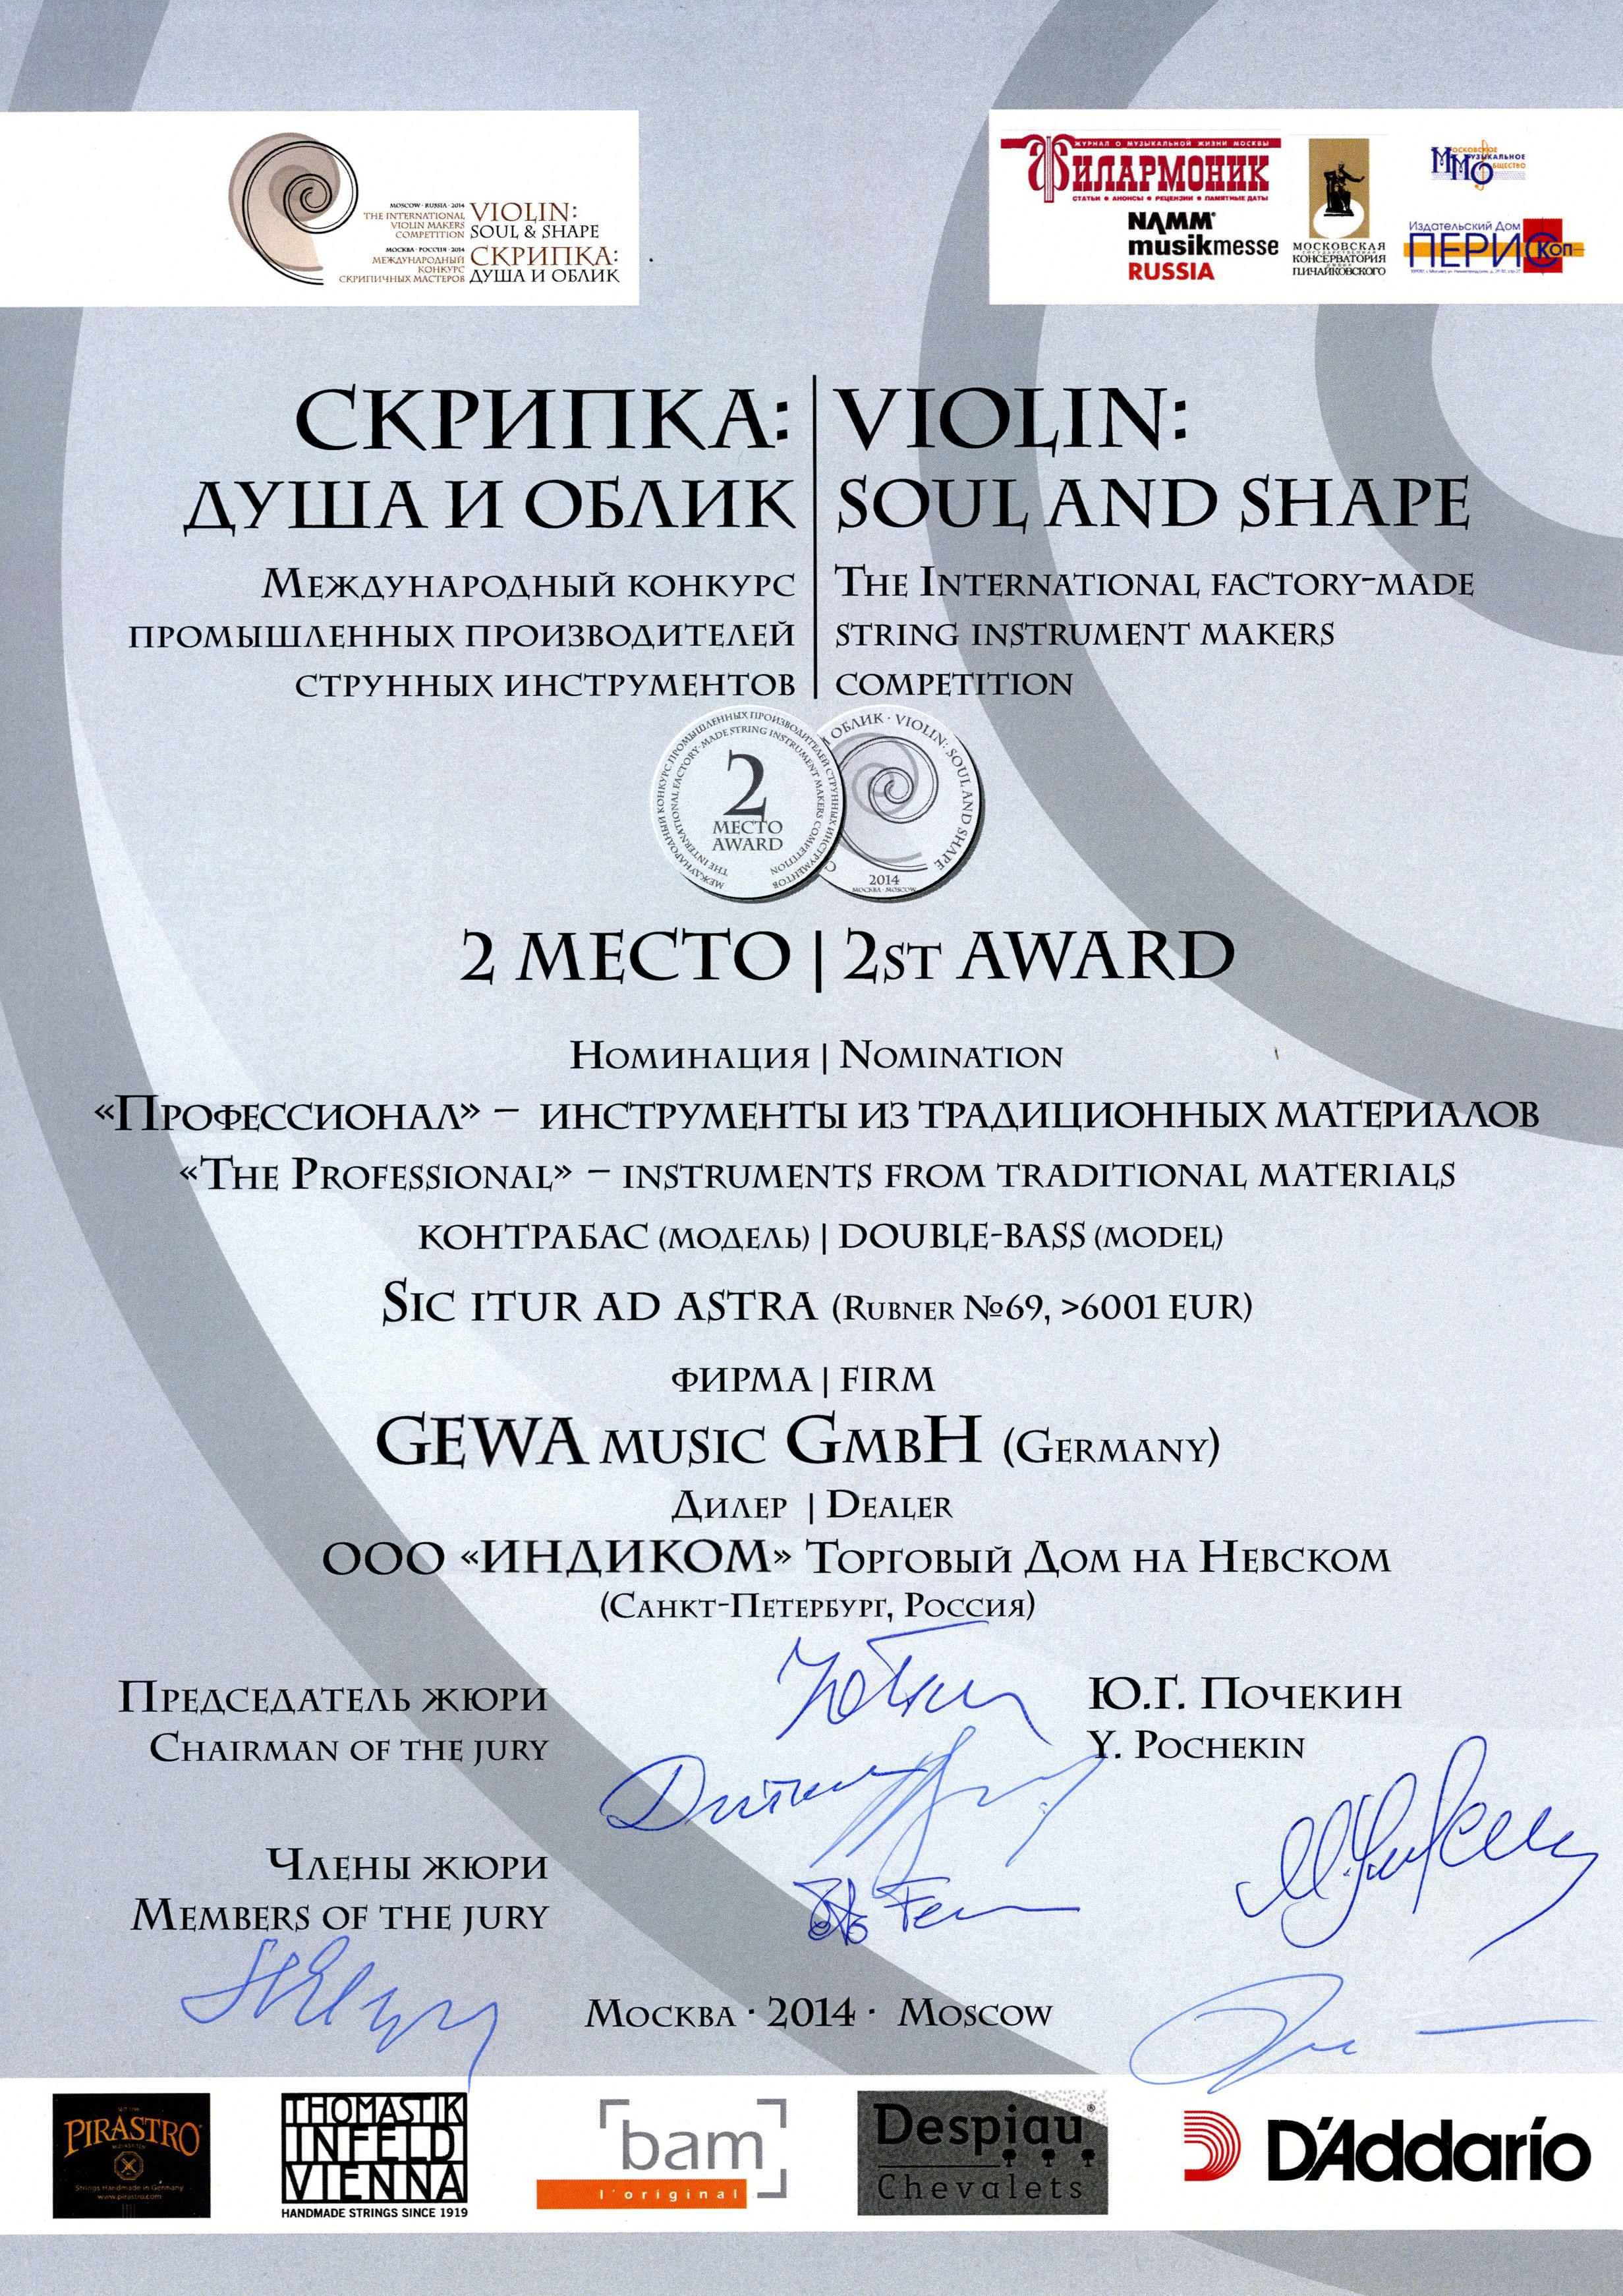 GEWA diplom Violin SaS_2 prize_02